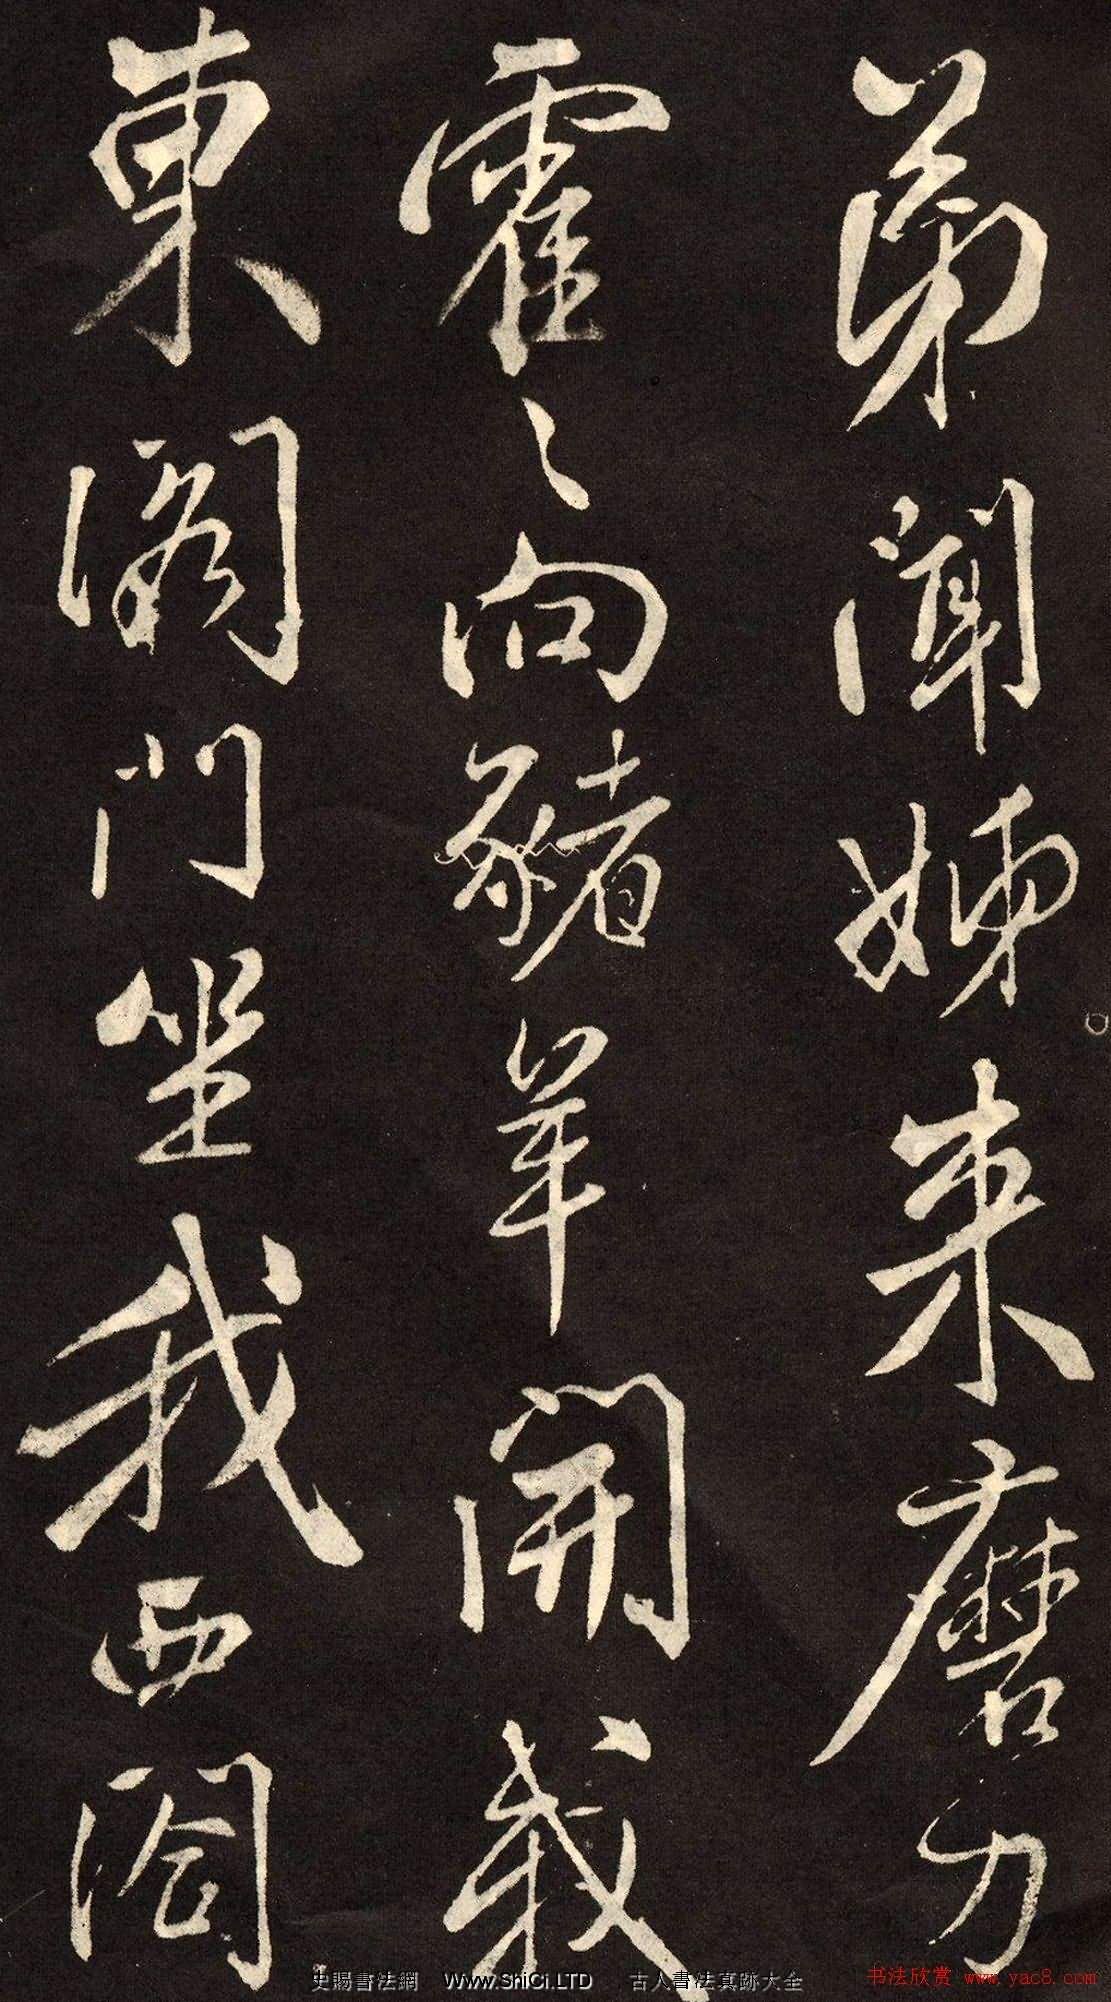 米芾書法欣賞《木蘭詩》大圖20P